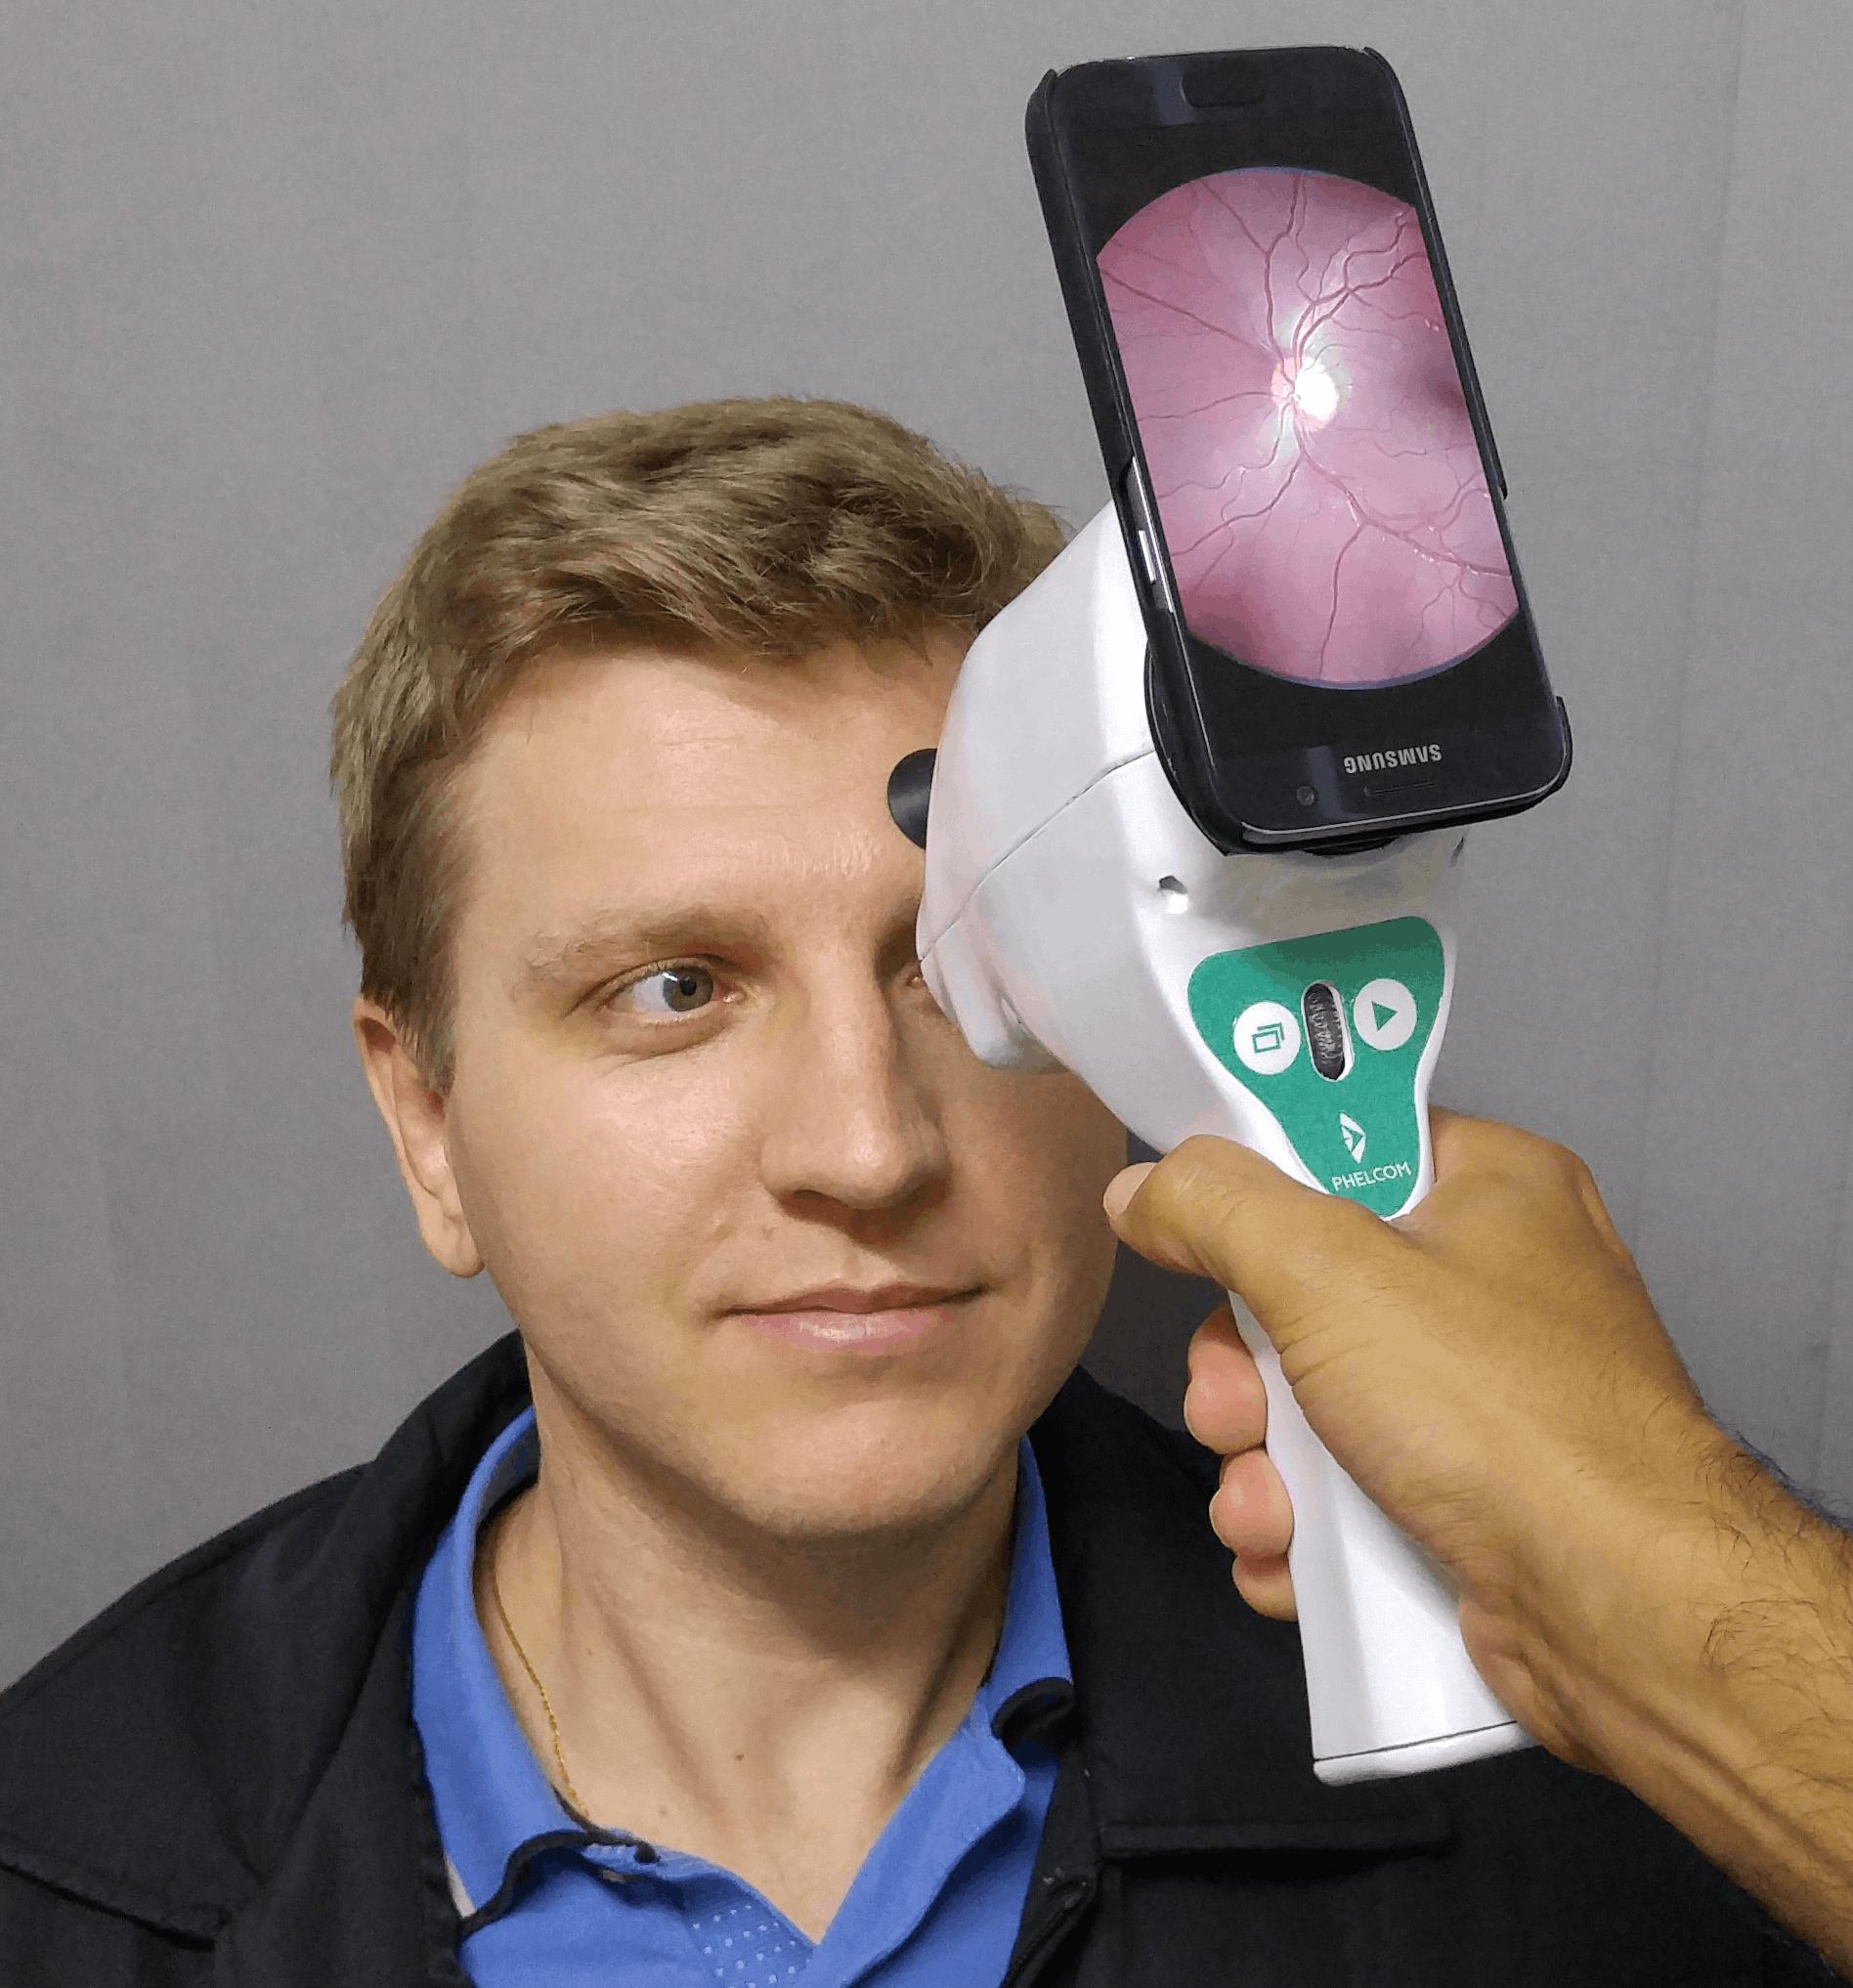 Aparelho desenvolvido por ex-alunos da USP captura imagens da retina com o  uso de smartphones. Imagem  Divulgação Phelcom 5e4a556240